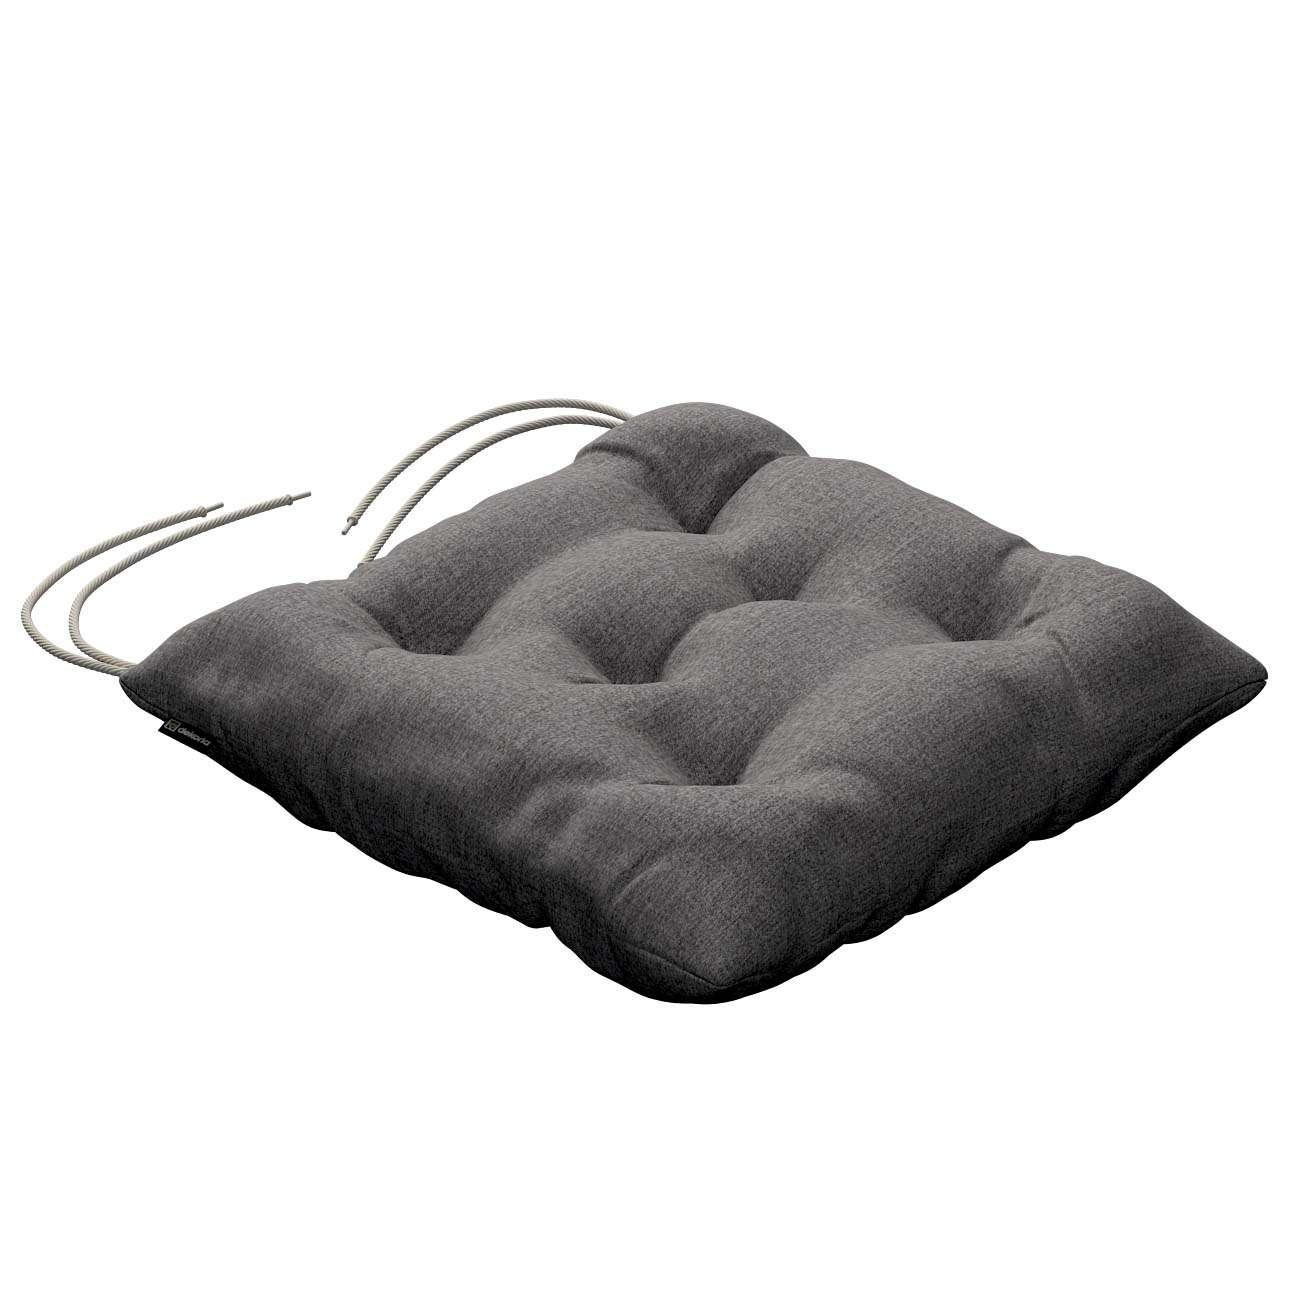 Siedzisko Jacek na krzesło 40x40x8cm w kolekcji Edinburgh, tkanina: 115-81